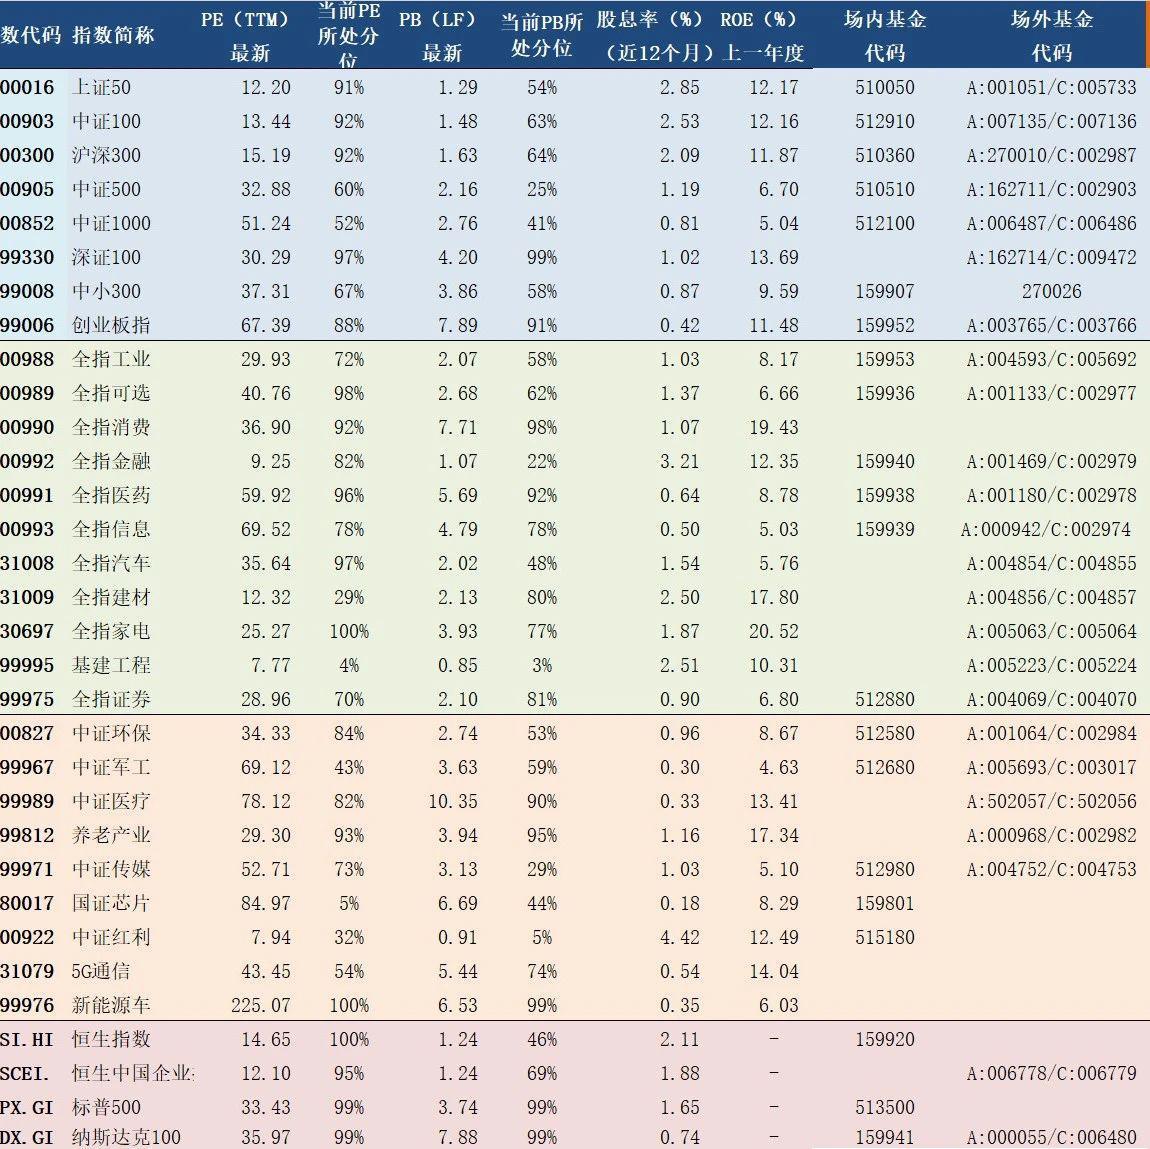 2020年10月20日A股主要指数估值表